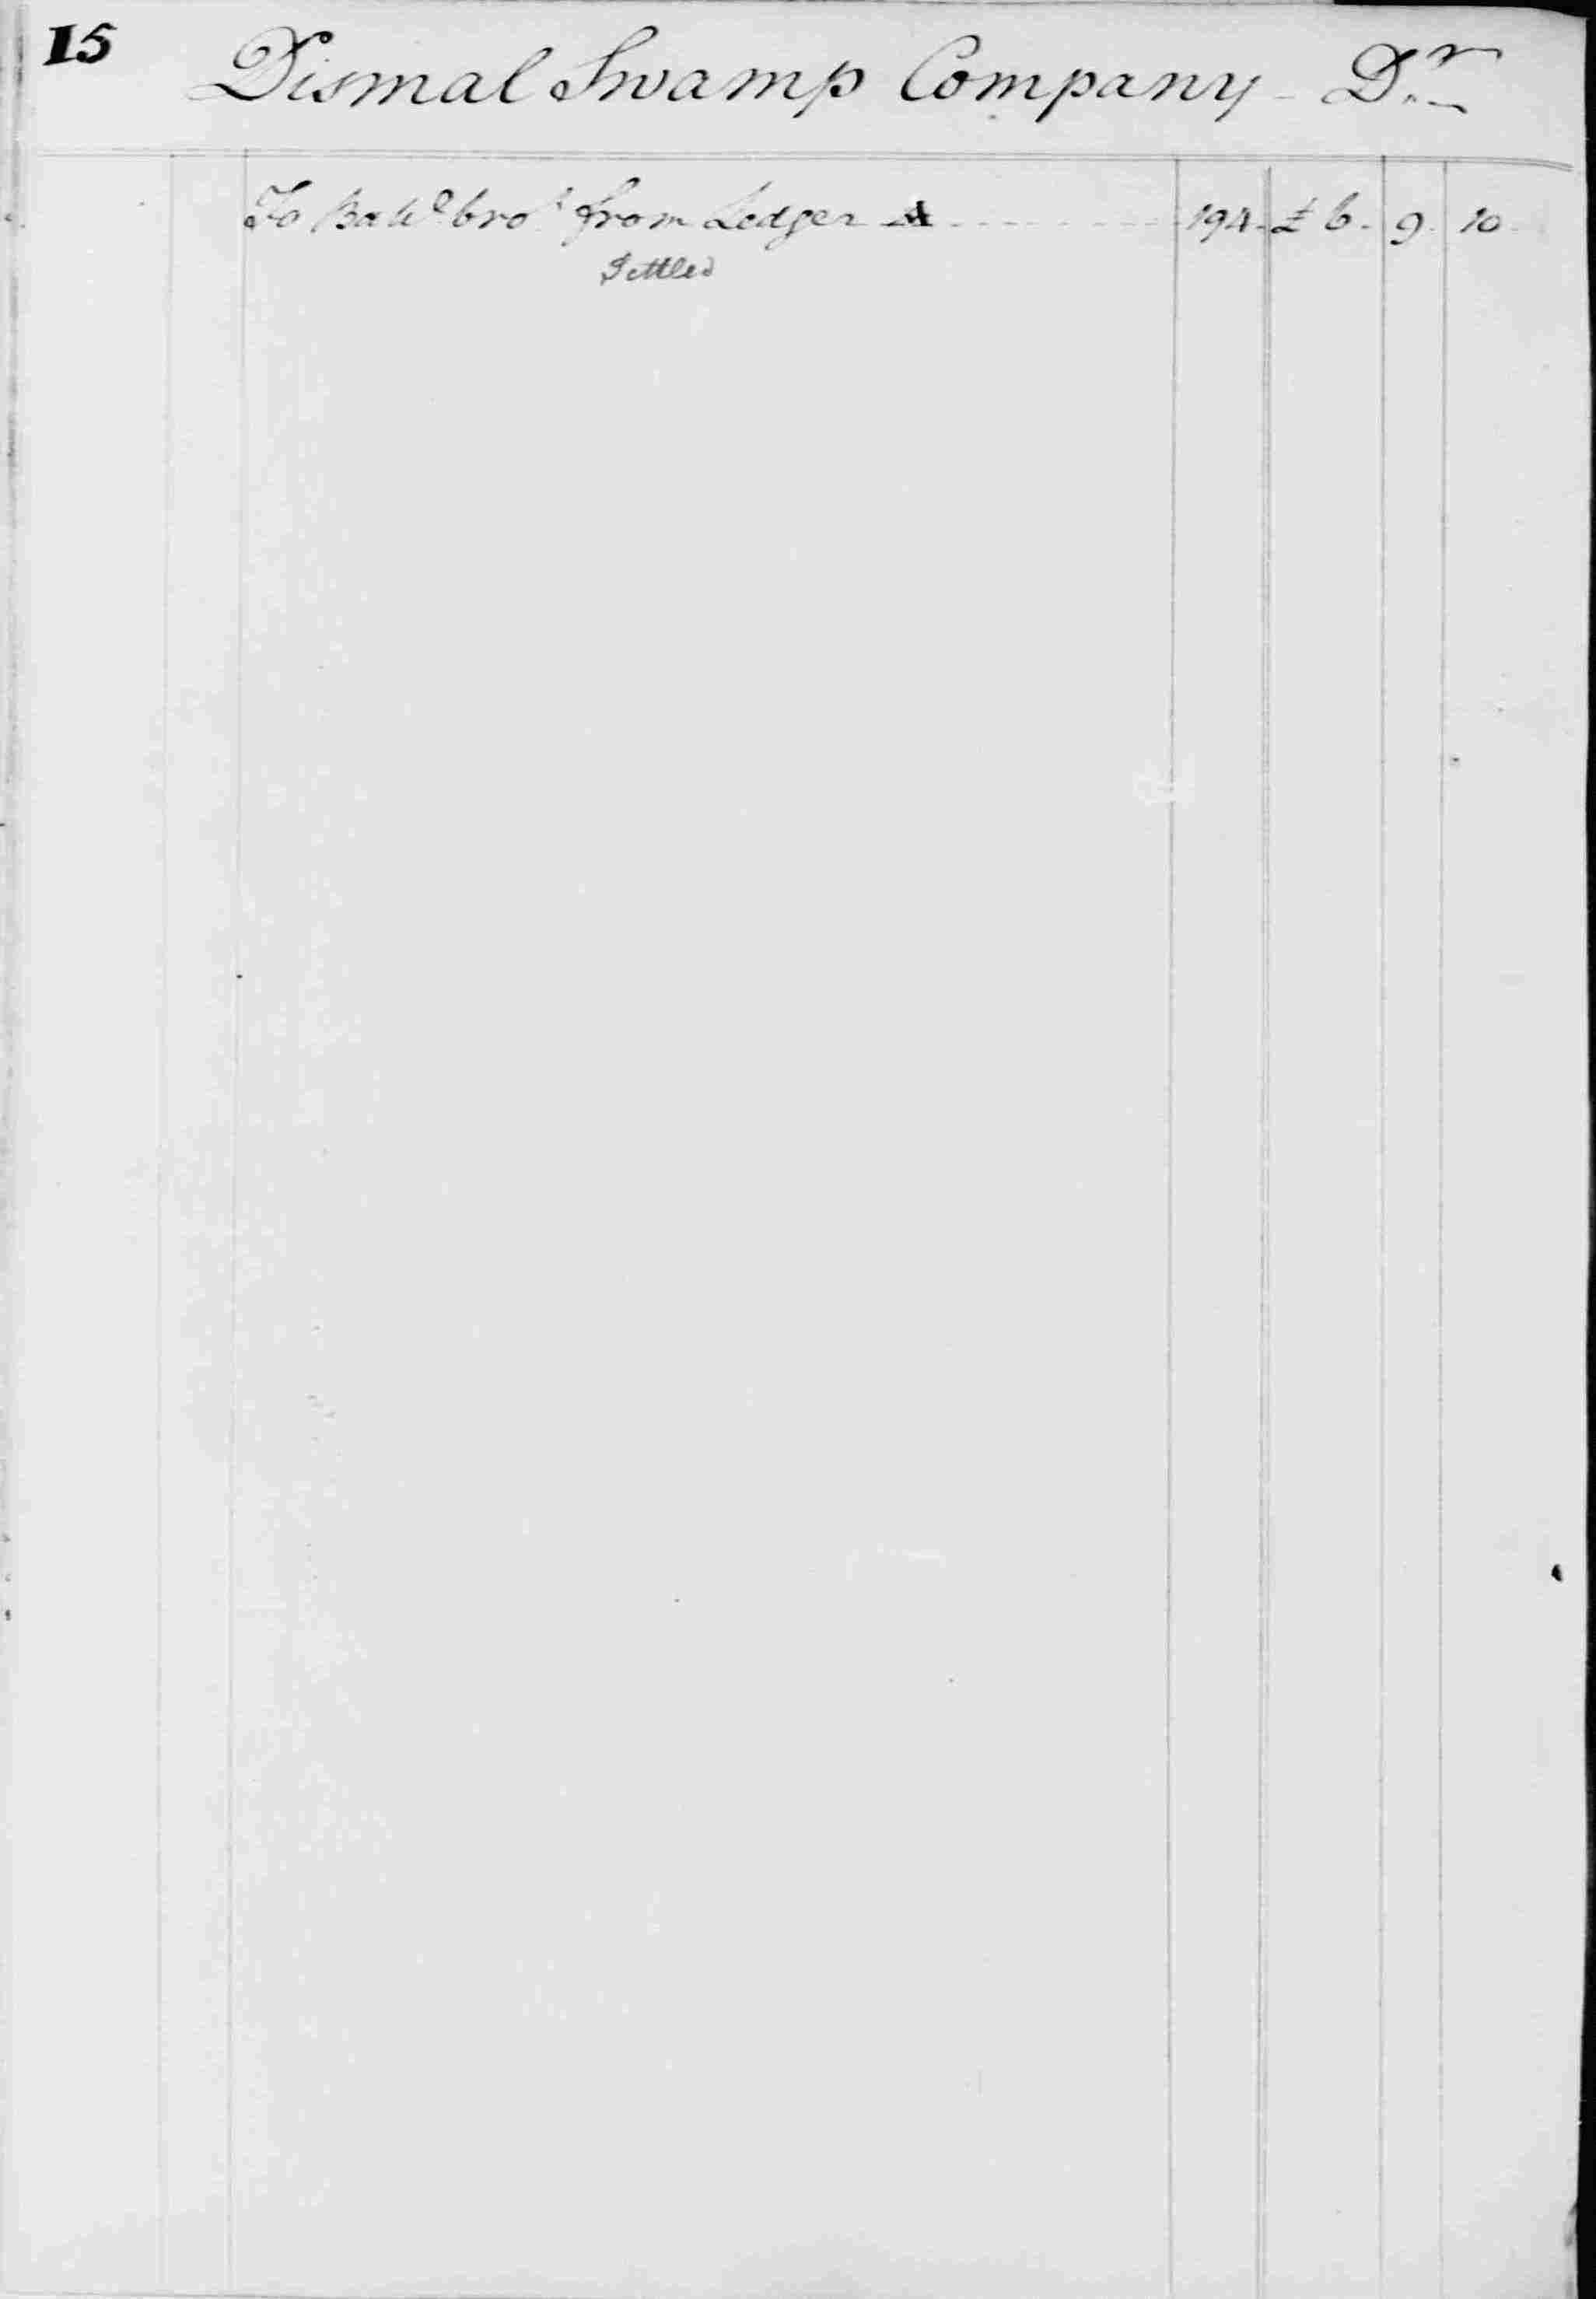 Ledger B, folio 15, side left